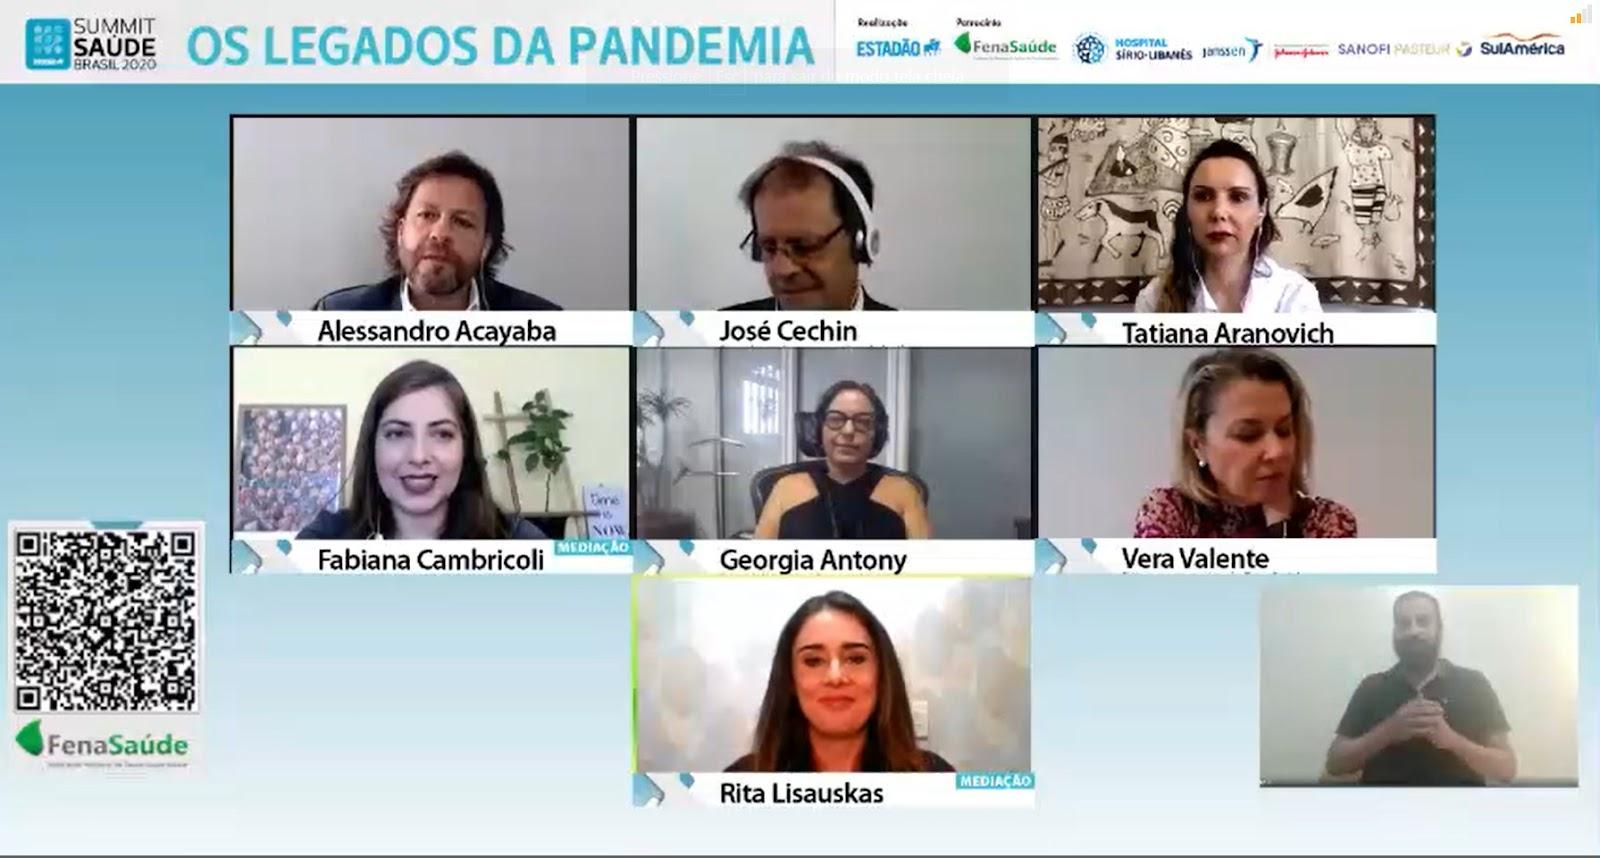 Em 2020, o evento foi realizado pela primeira vez exclusivamente de forma virtual e discutiu o impacto da pandemia nos planos de saúde. (Fonte: Estadão Summit Saúde 2020/Reprodução)